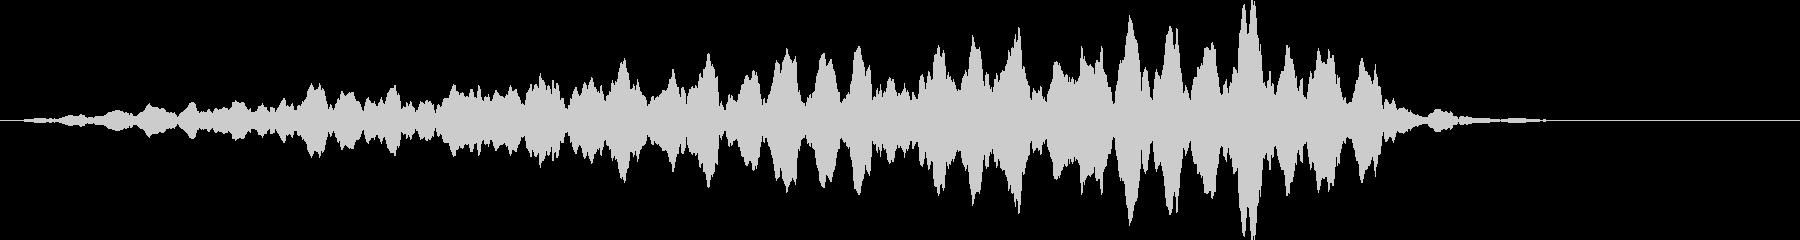 キーン (氷、緊張感、無機質)の未再生の波形